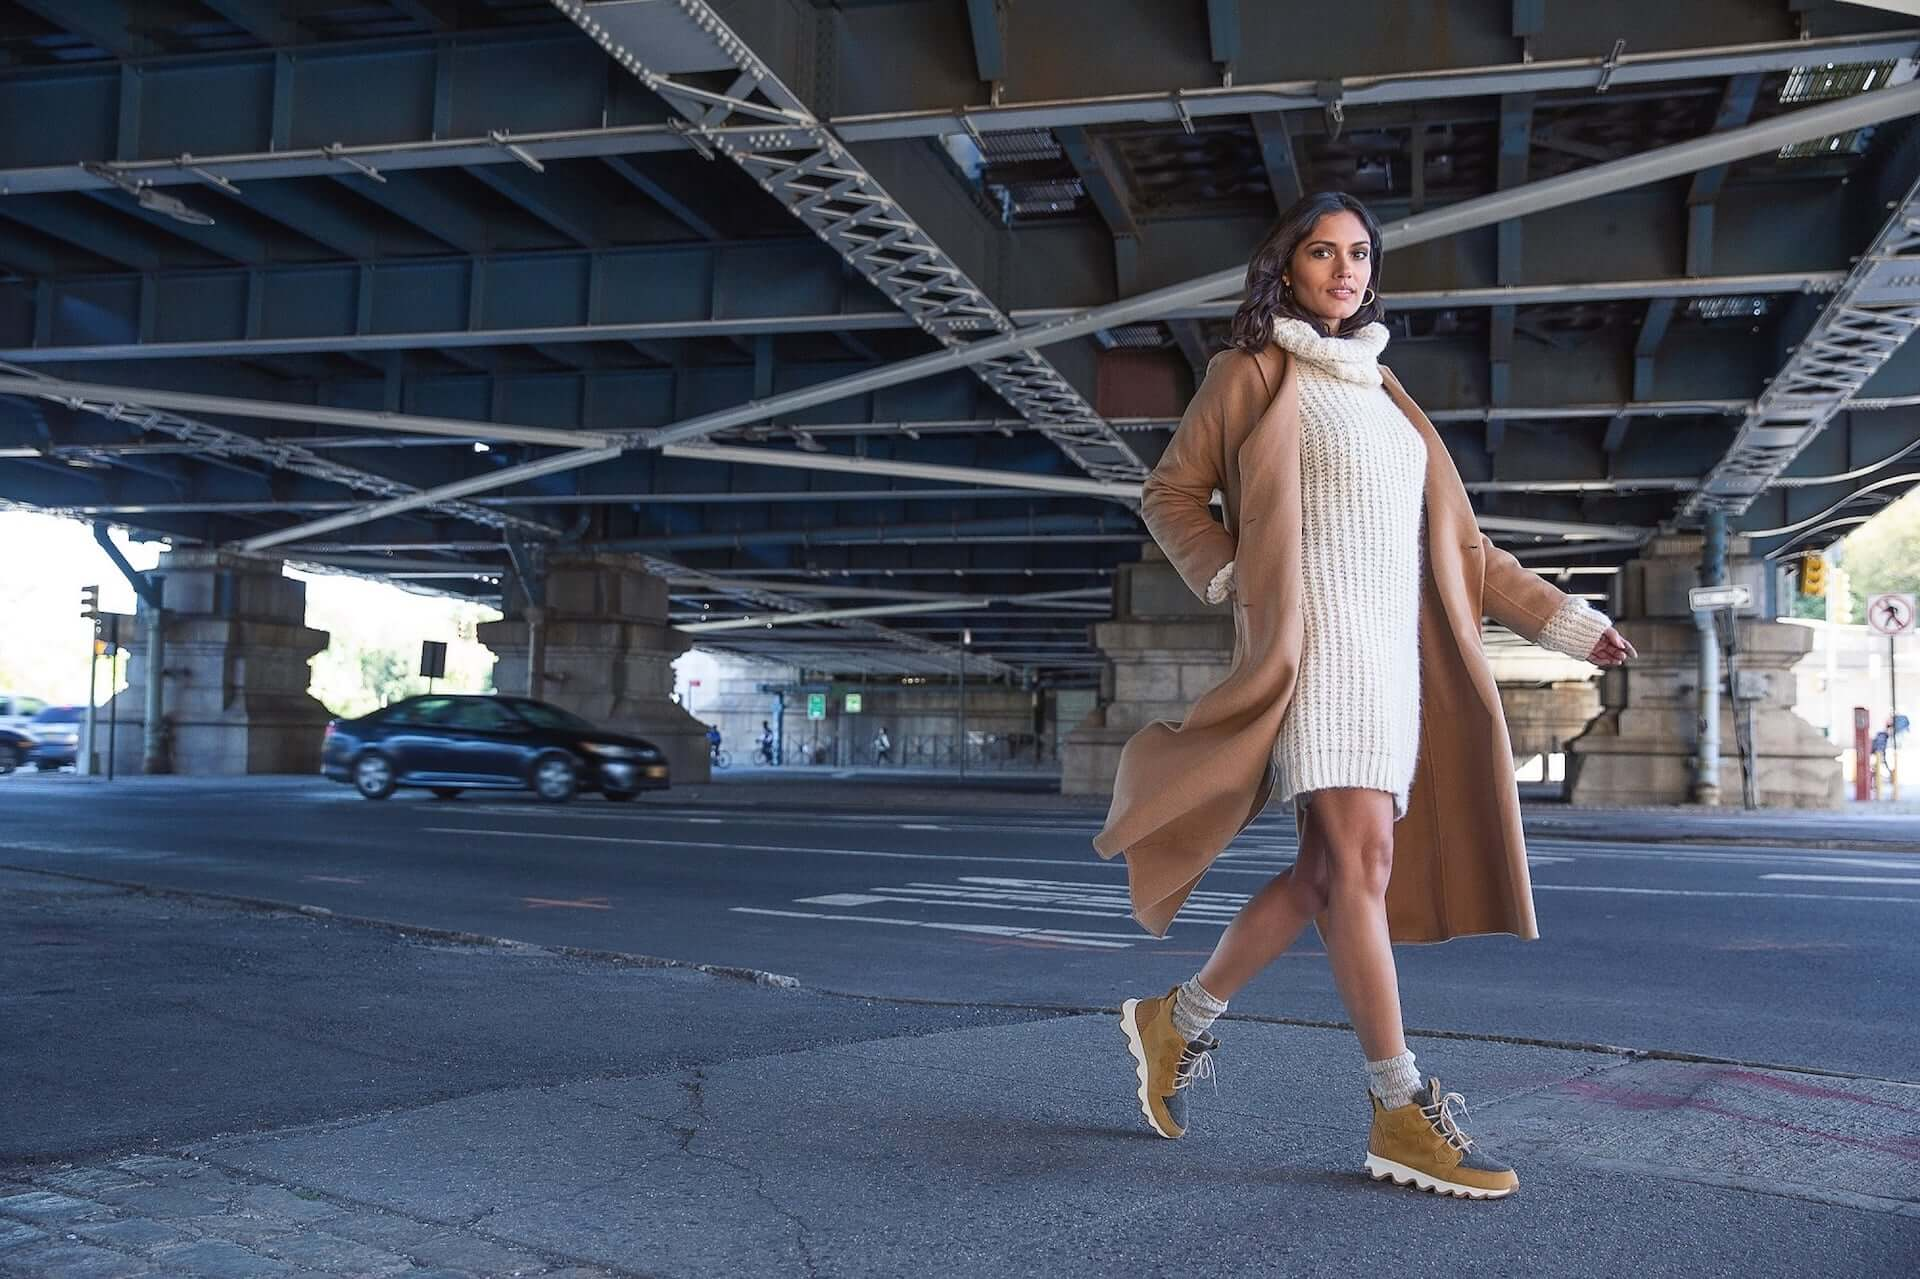 どんな雨でも大丈夫!SORELから機能性&ファッション性を兼ね備えたスニーカーブーツ「KINETIC CARIBOU」登場 life190626_sorel_kineticcaribou_3-1920x1279